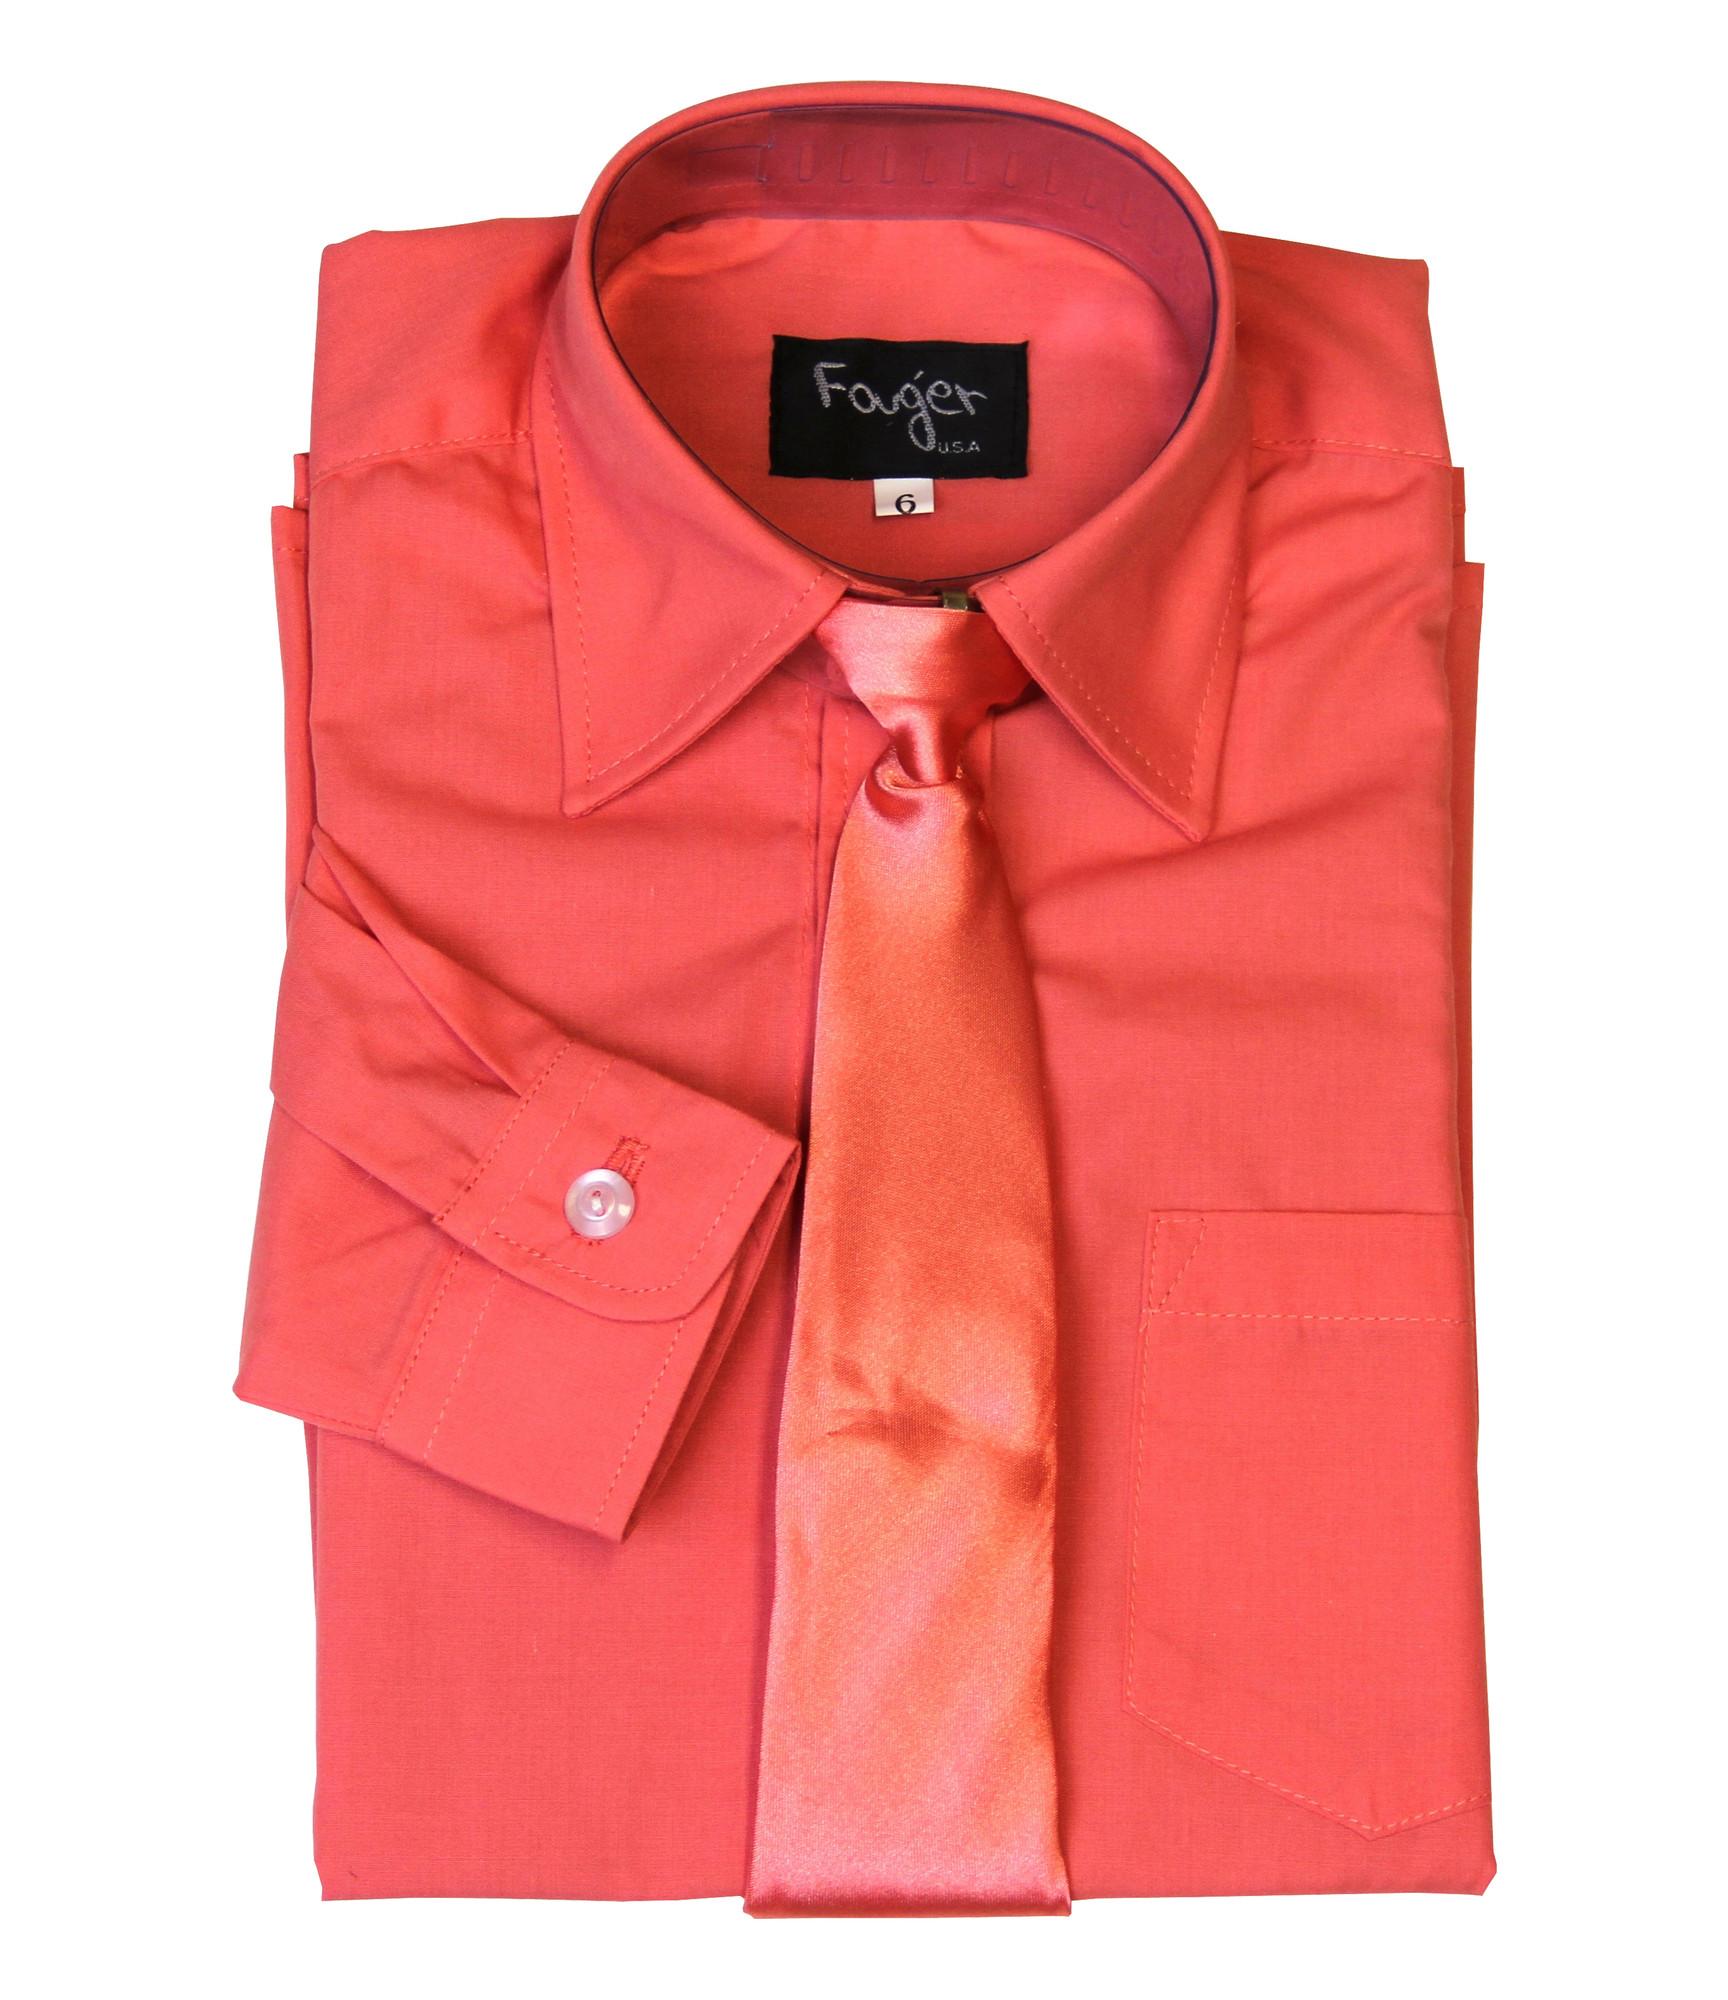 BIMARO Jungen Kinderhemd mit seidener Krawatte coral koralle Hemd festlich langarm Baumwollmischung Hochzeit Taufe Kommunion 001